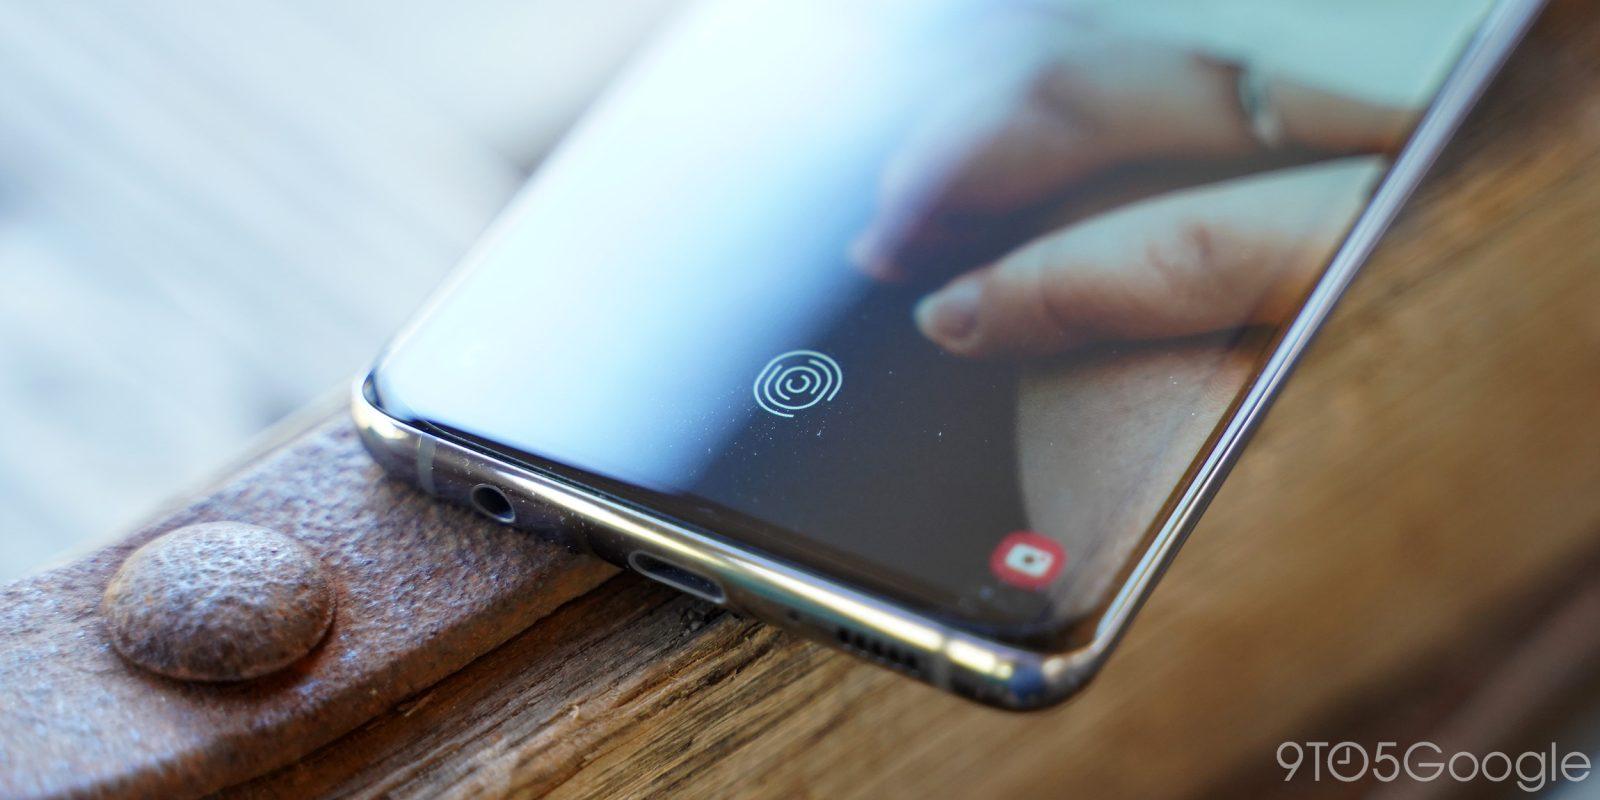 Some UK banks blacklist the Galaxy S10 over fingerprint scanner concerns